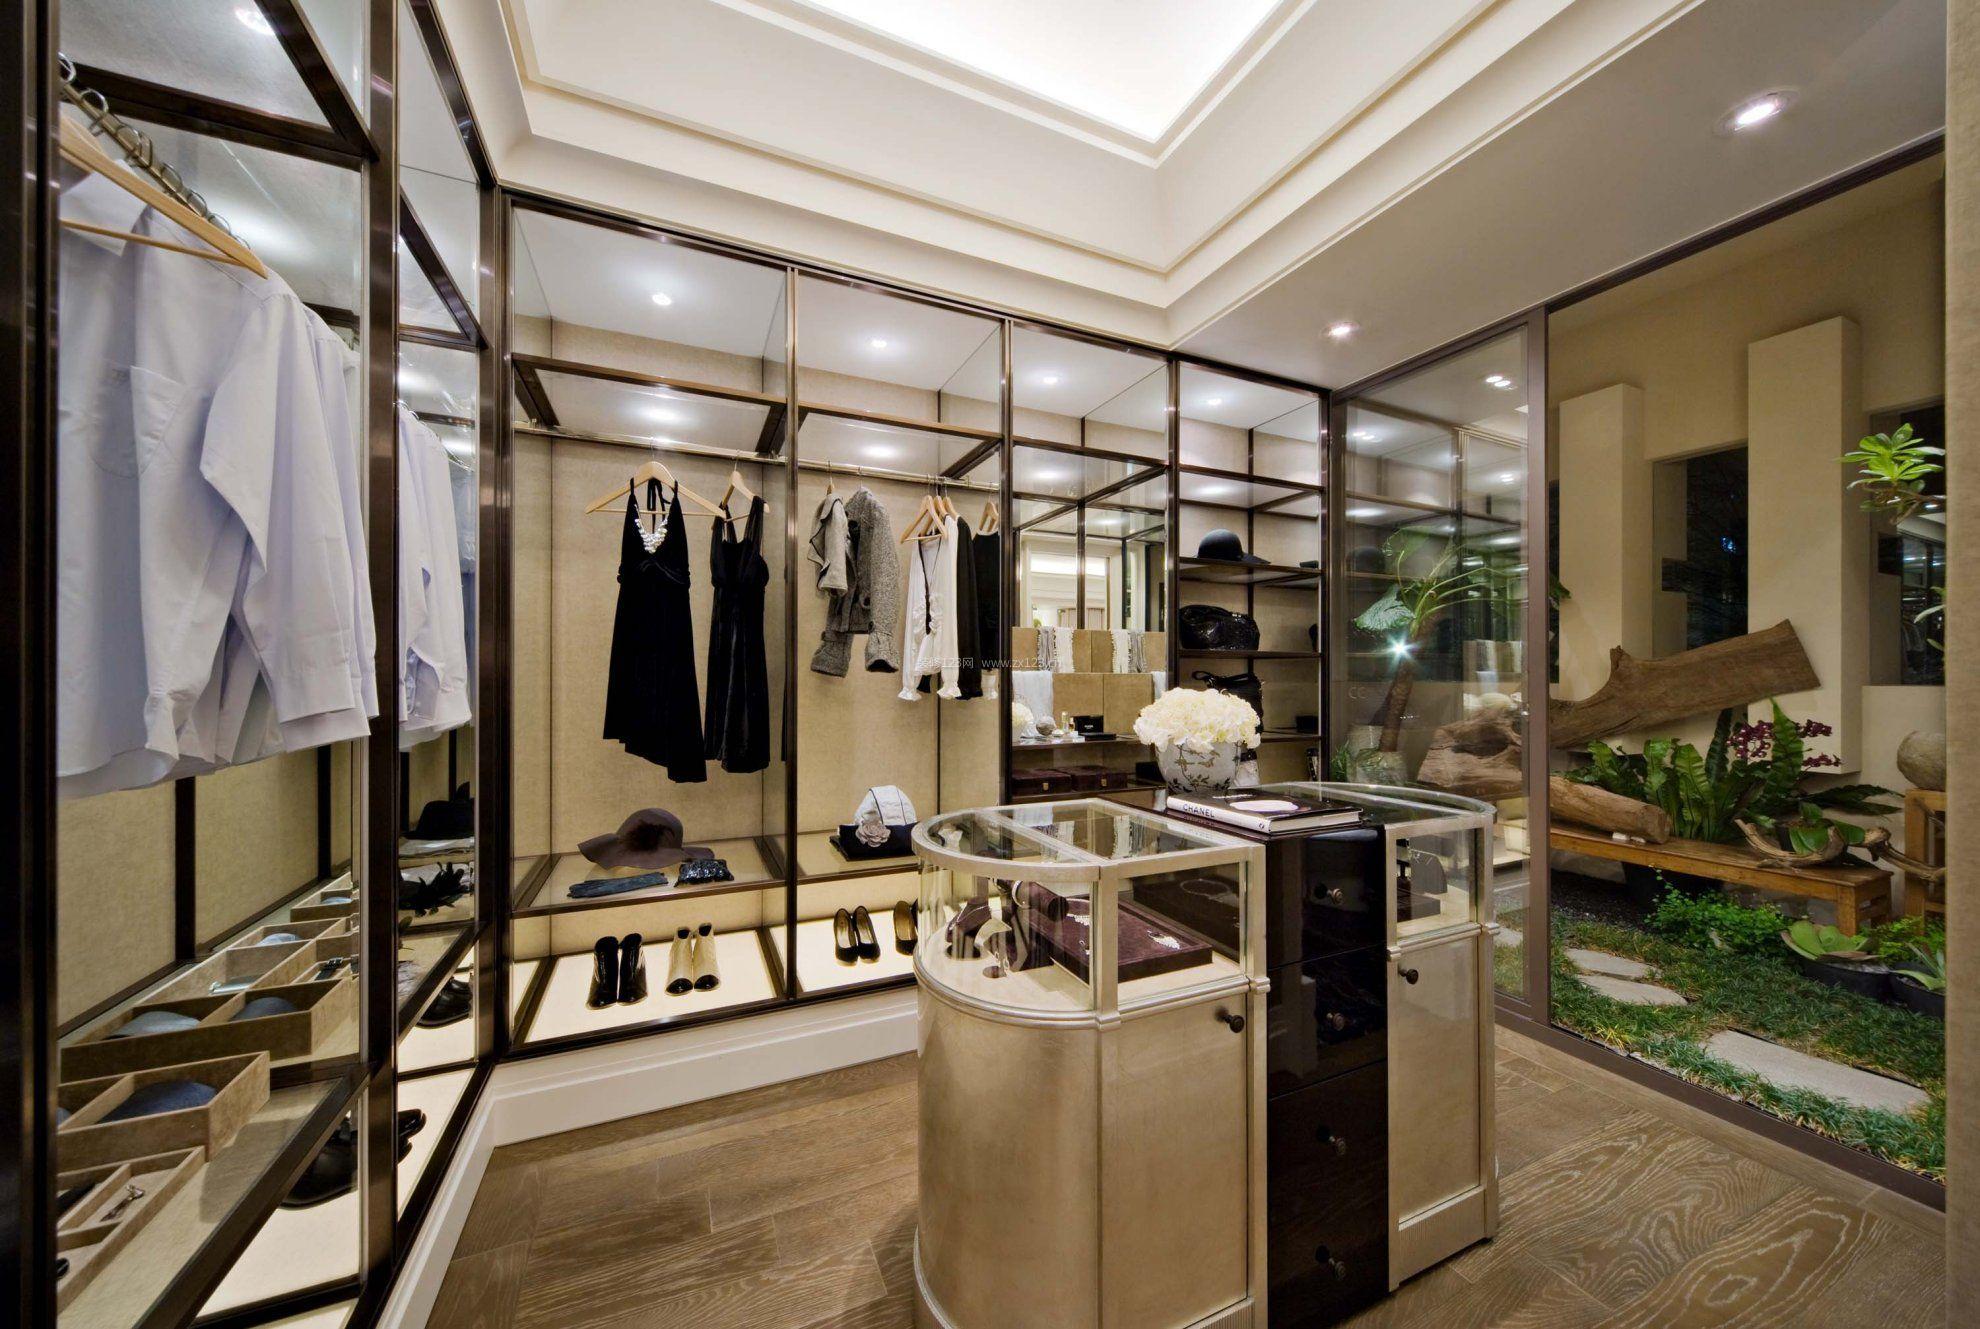 欧美风格室内装�_时尚欧美服装小店装修风格图片